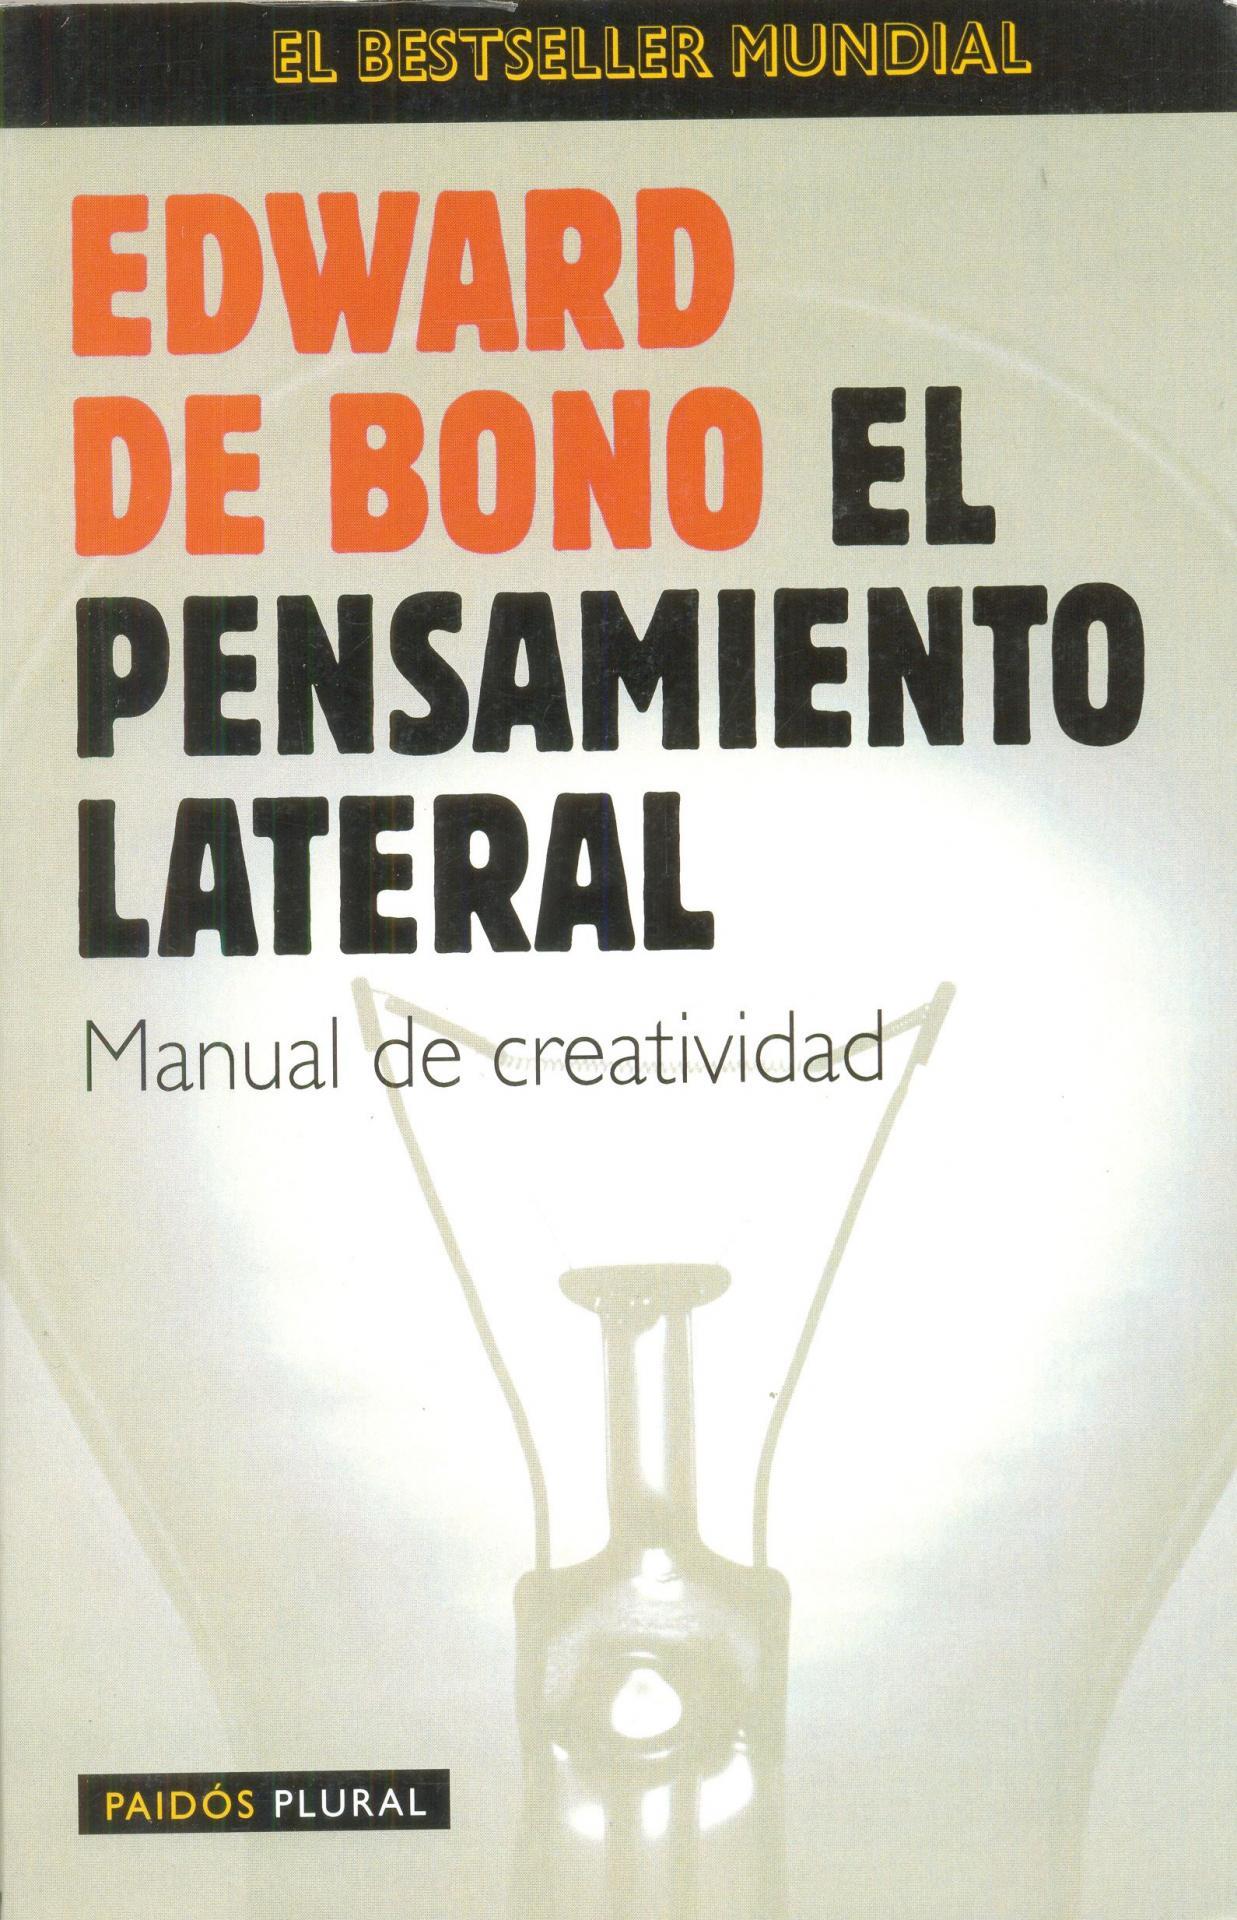 EL PENSAMIENTO LATERAL. Manual de creatividad. De Bono, E.